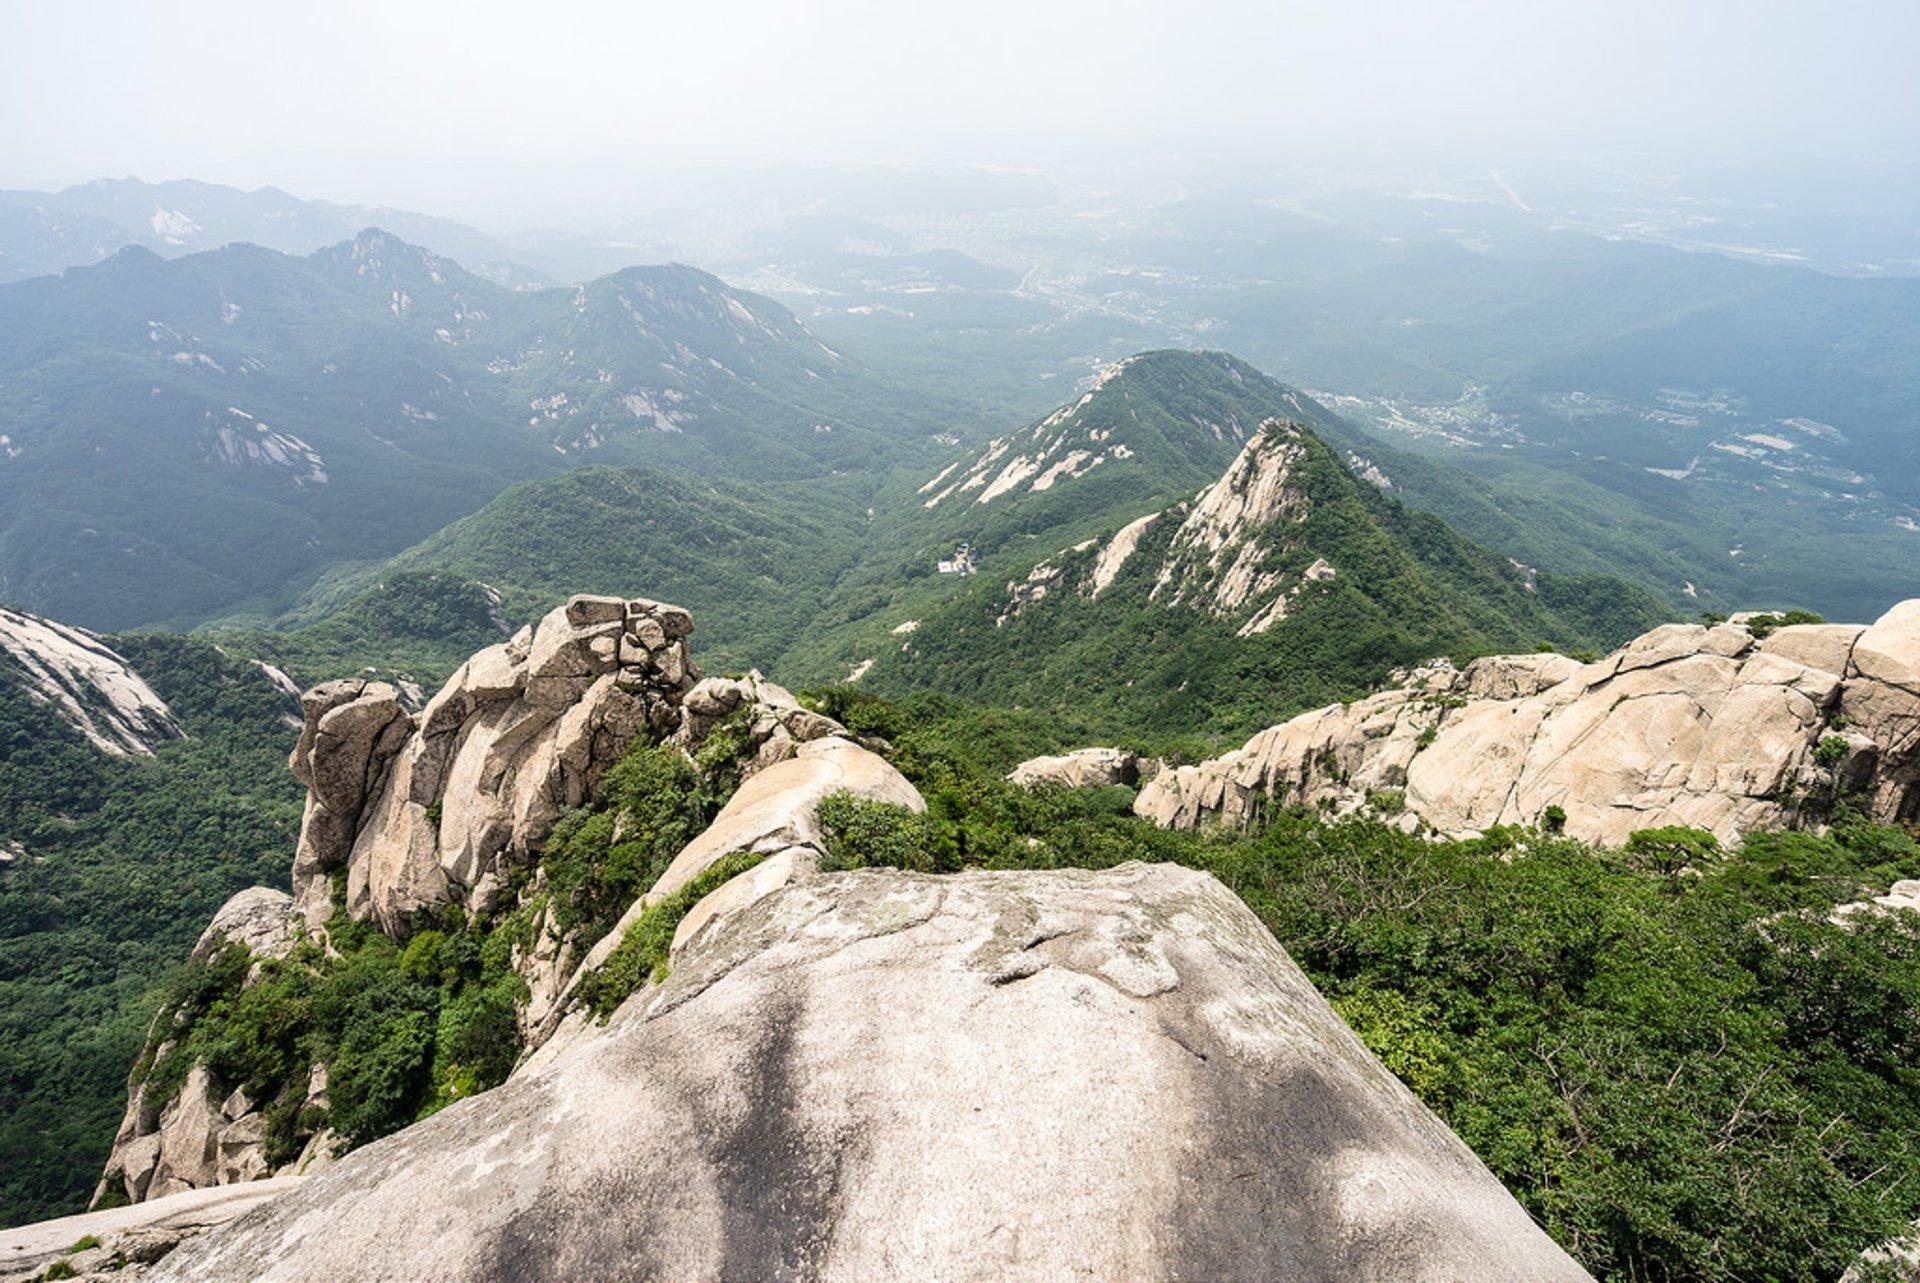 Baegundae Peak, Bukhansan National Park 2020